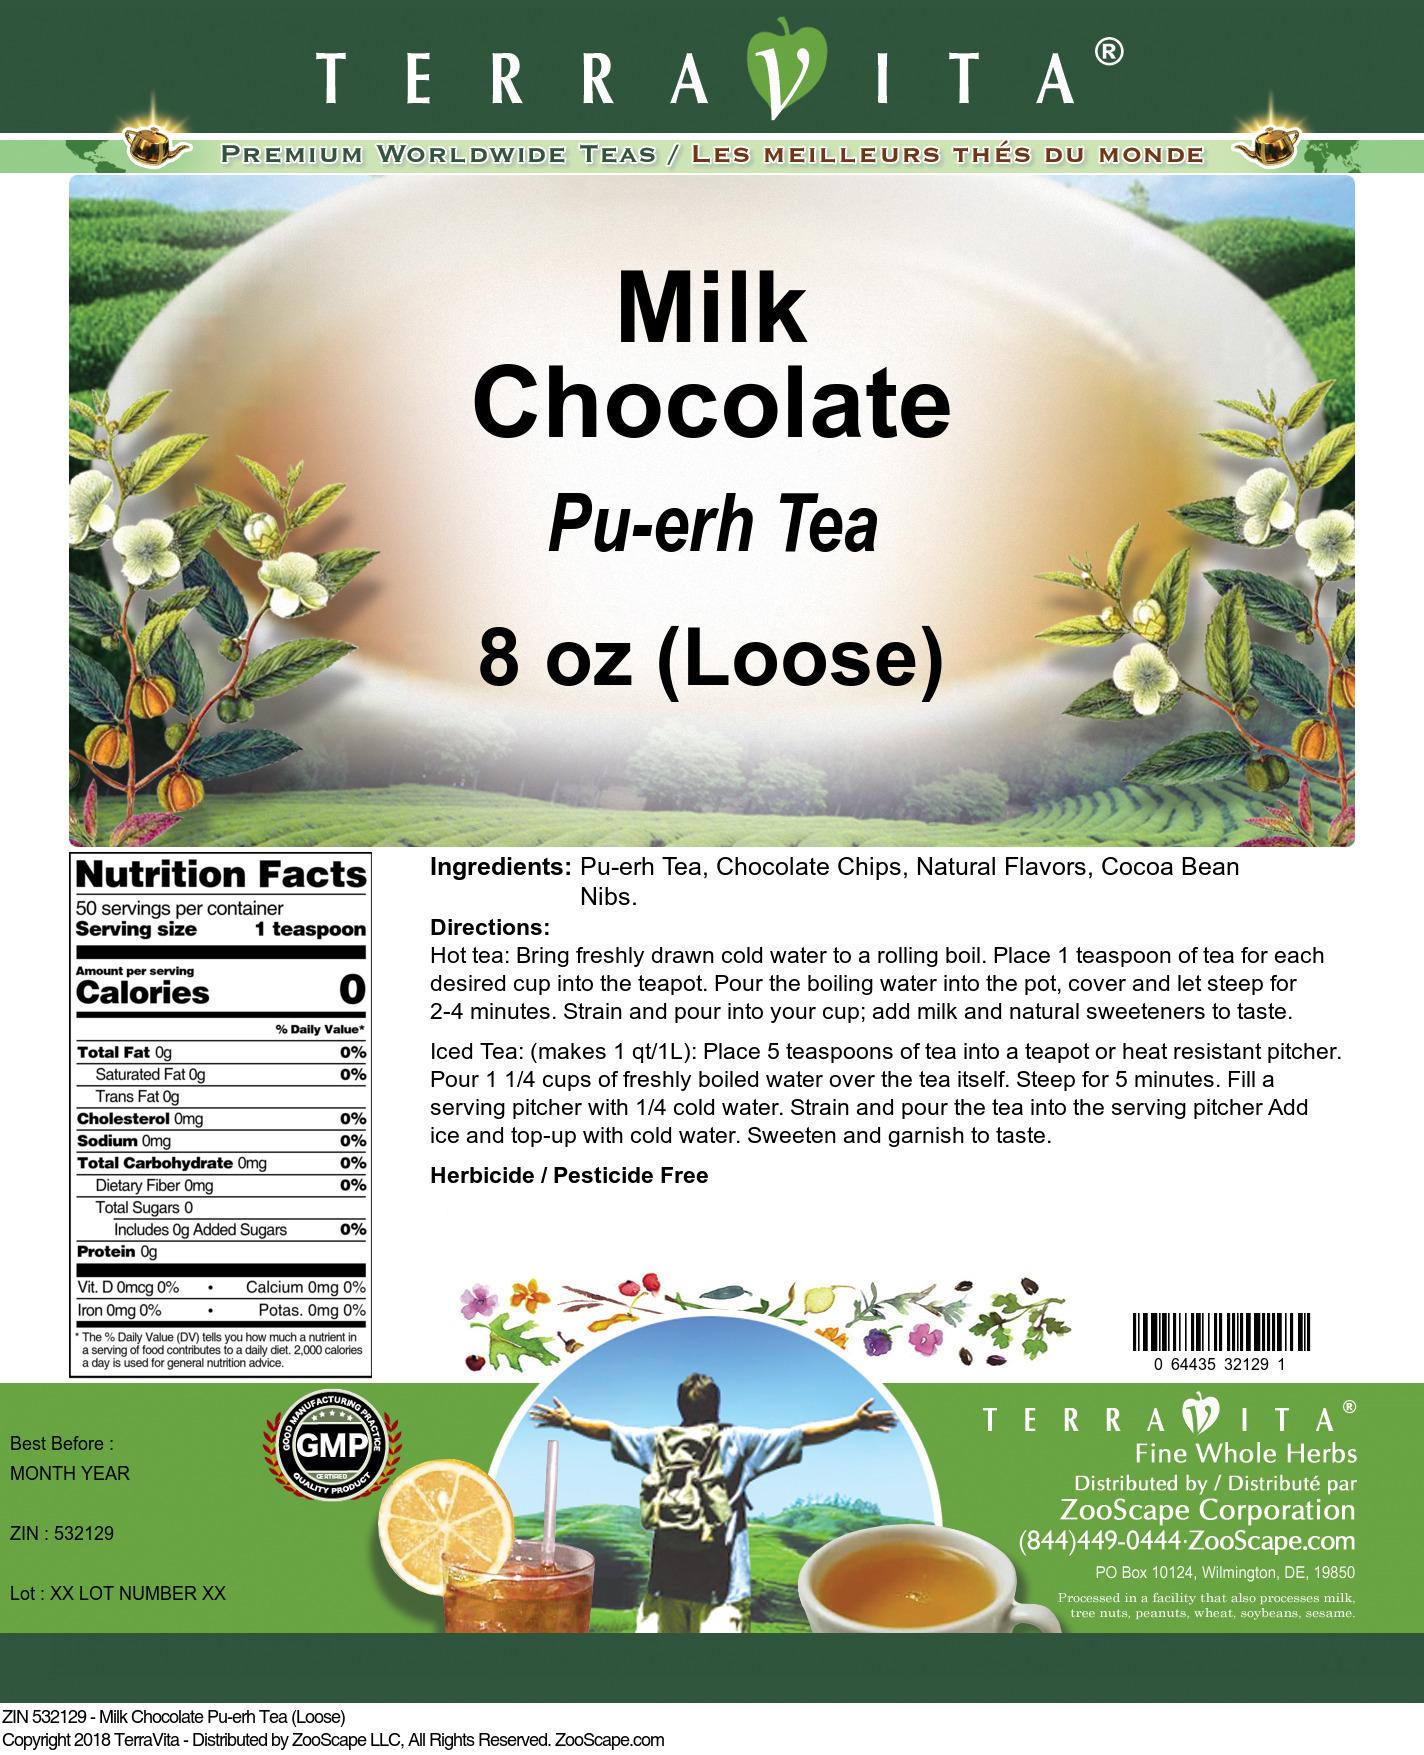 Milk Chocolate Pu-erh Tea